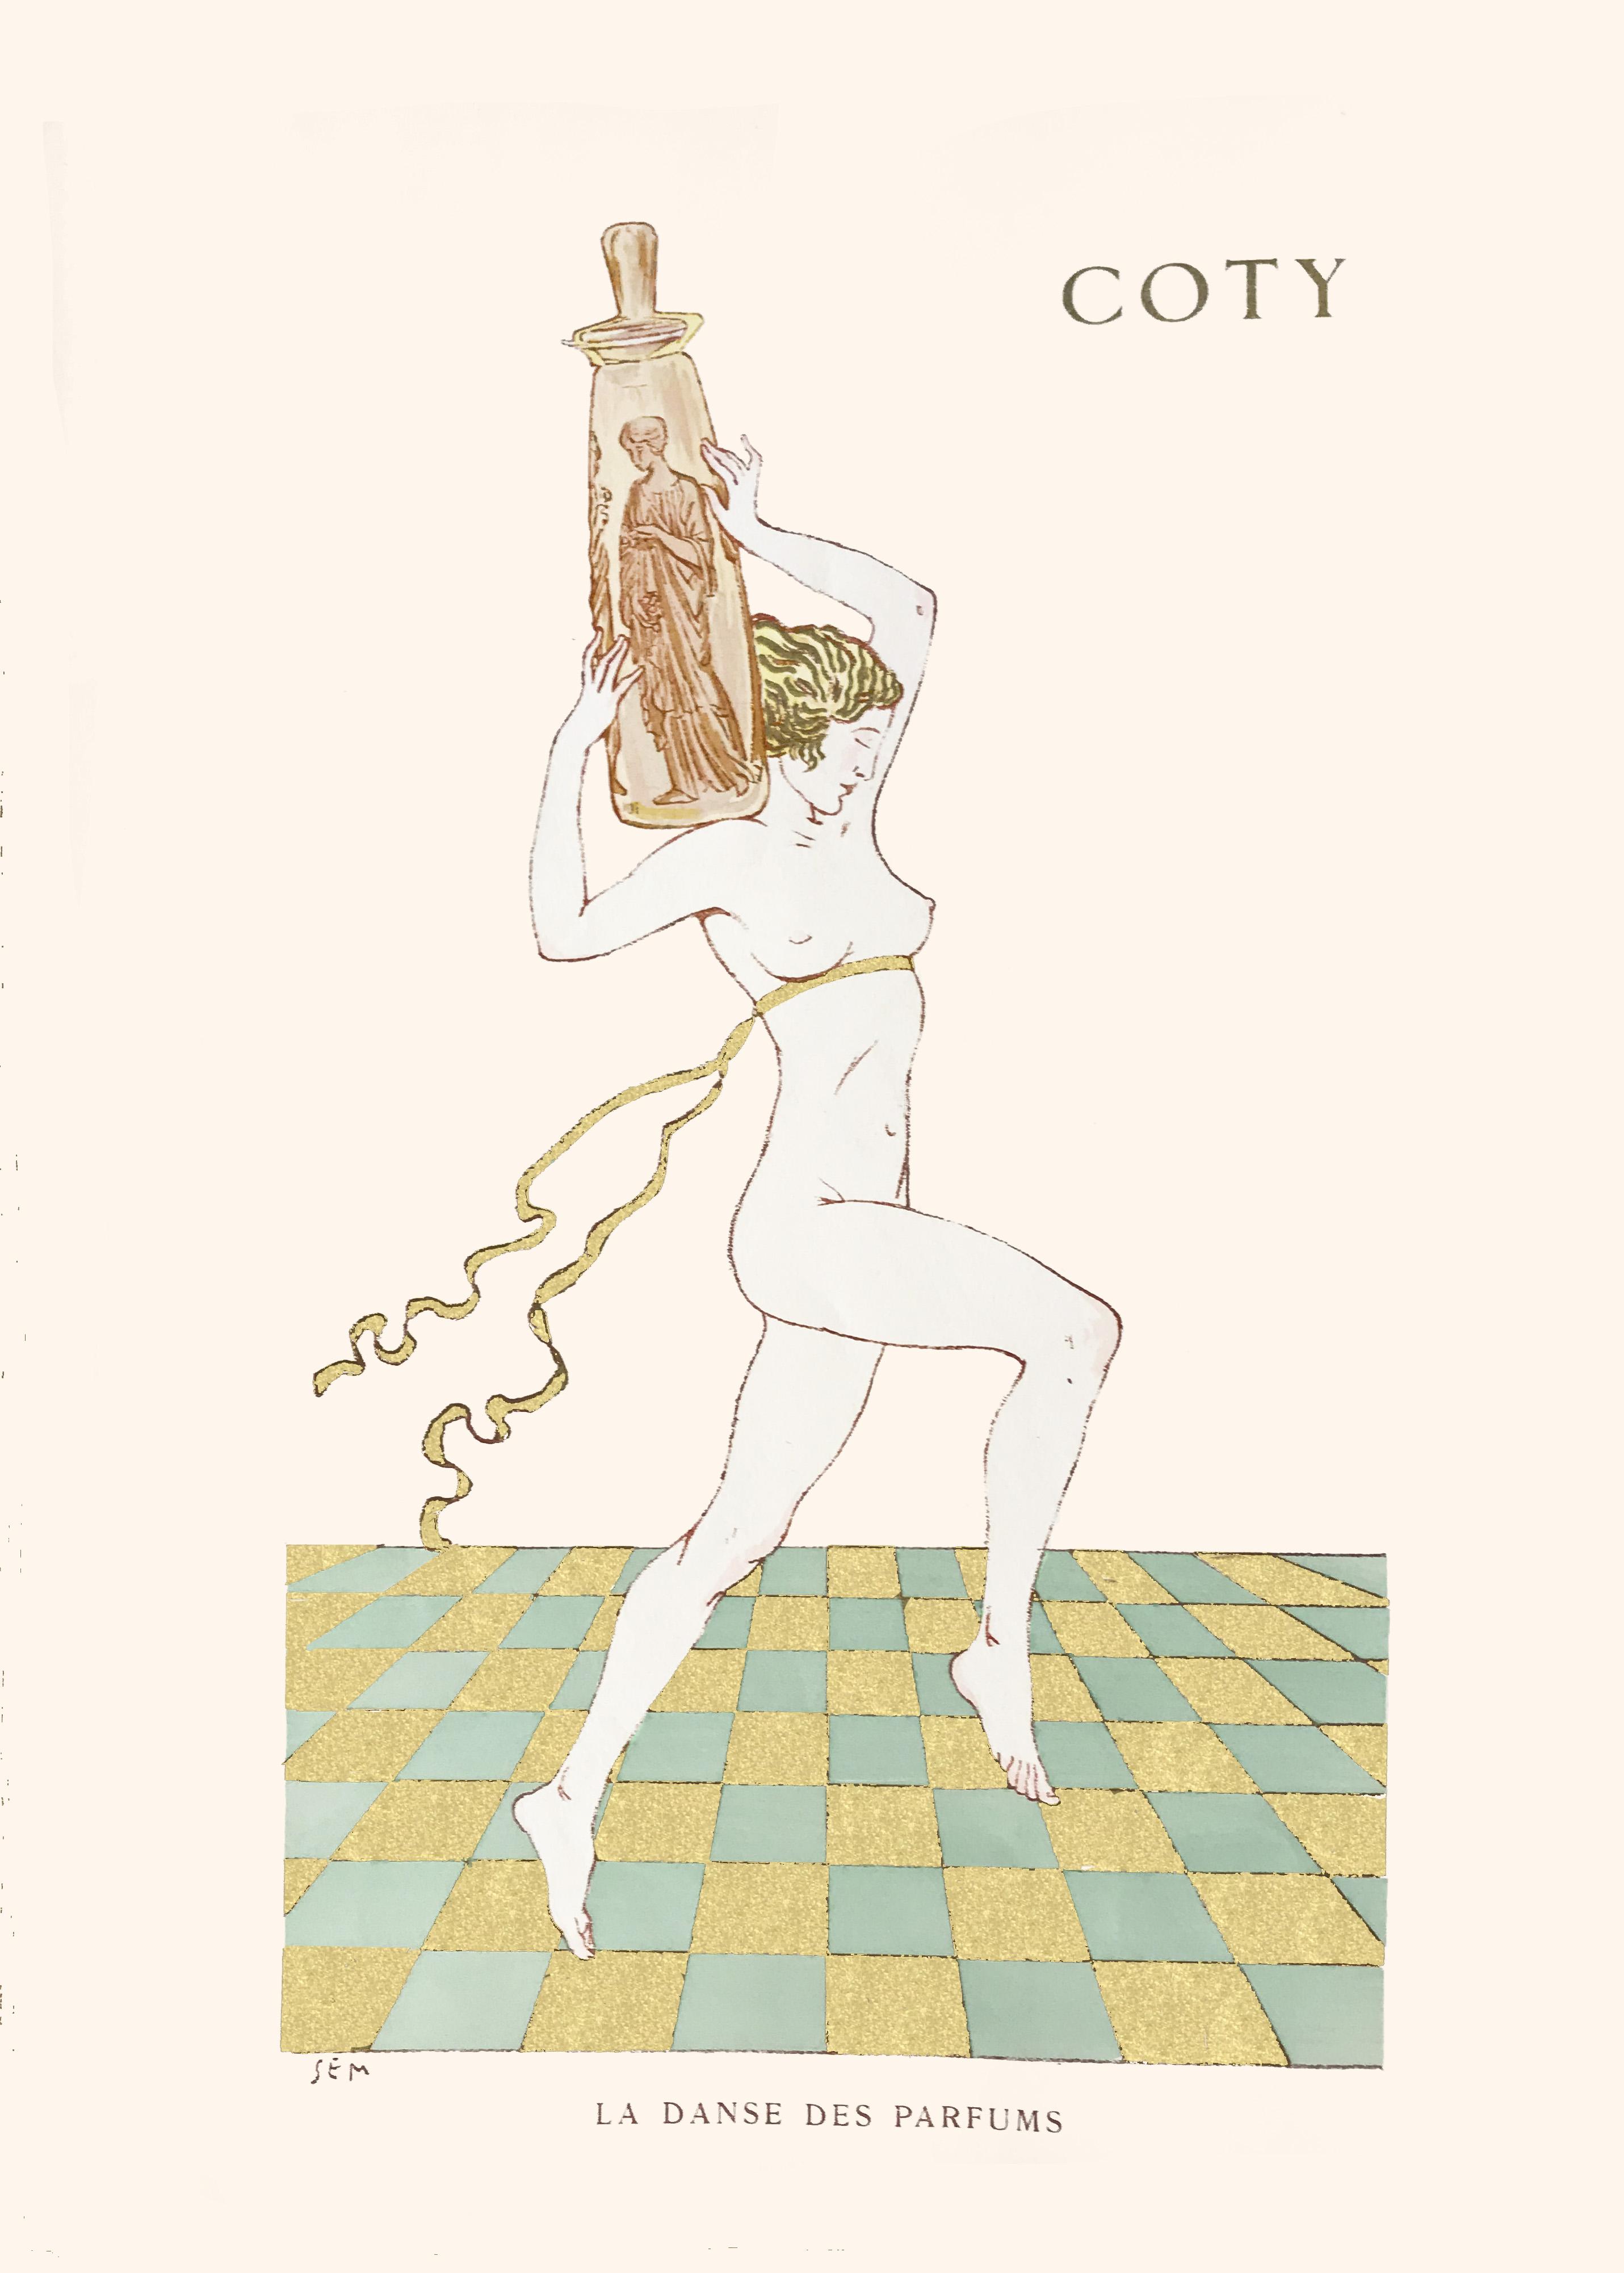 Sem Goursat Album 19 - Planche n.28